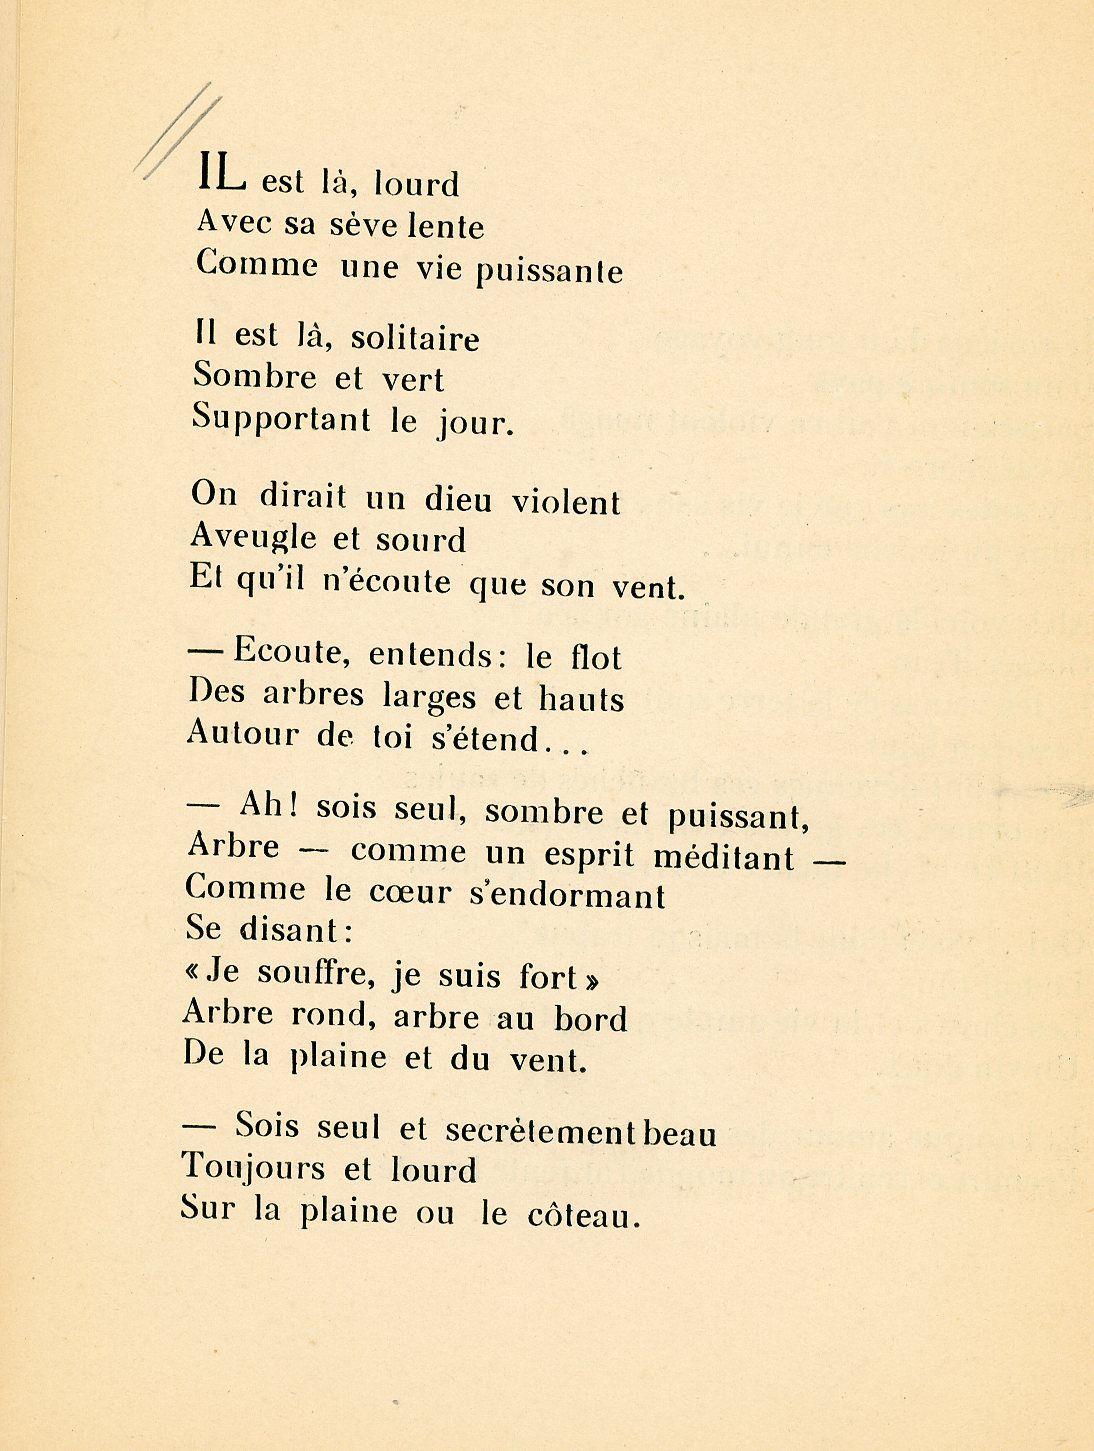 La sève des jours (Poème de Blanche Balain)